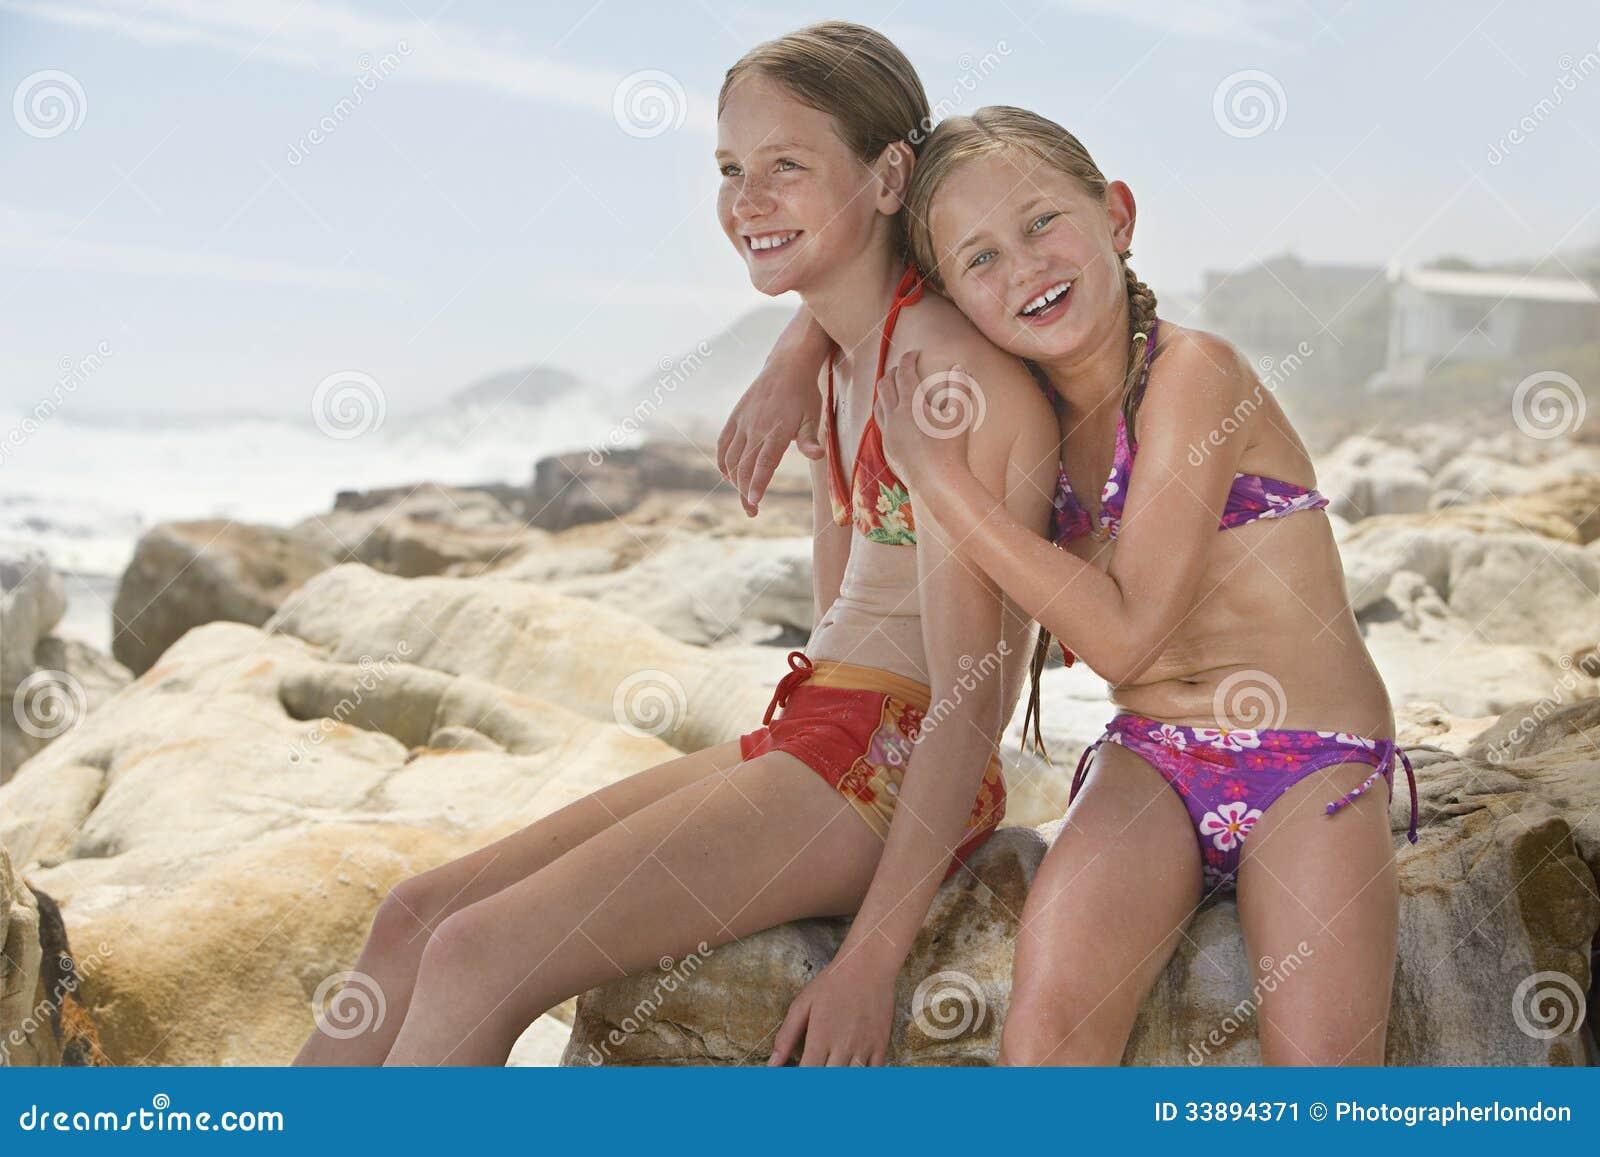 Sisters Myrtle Beach